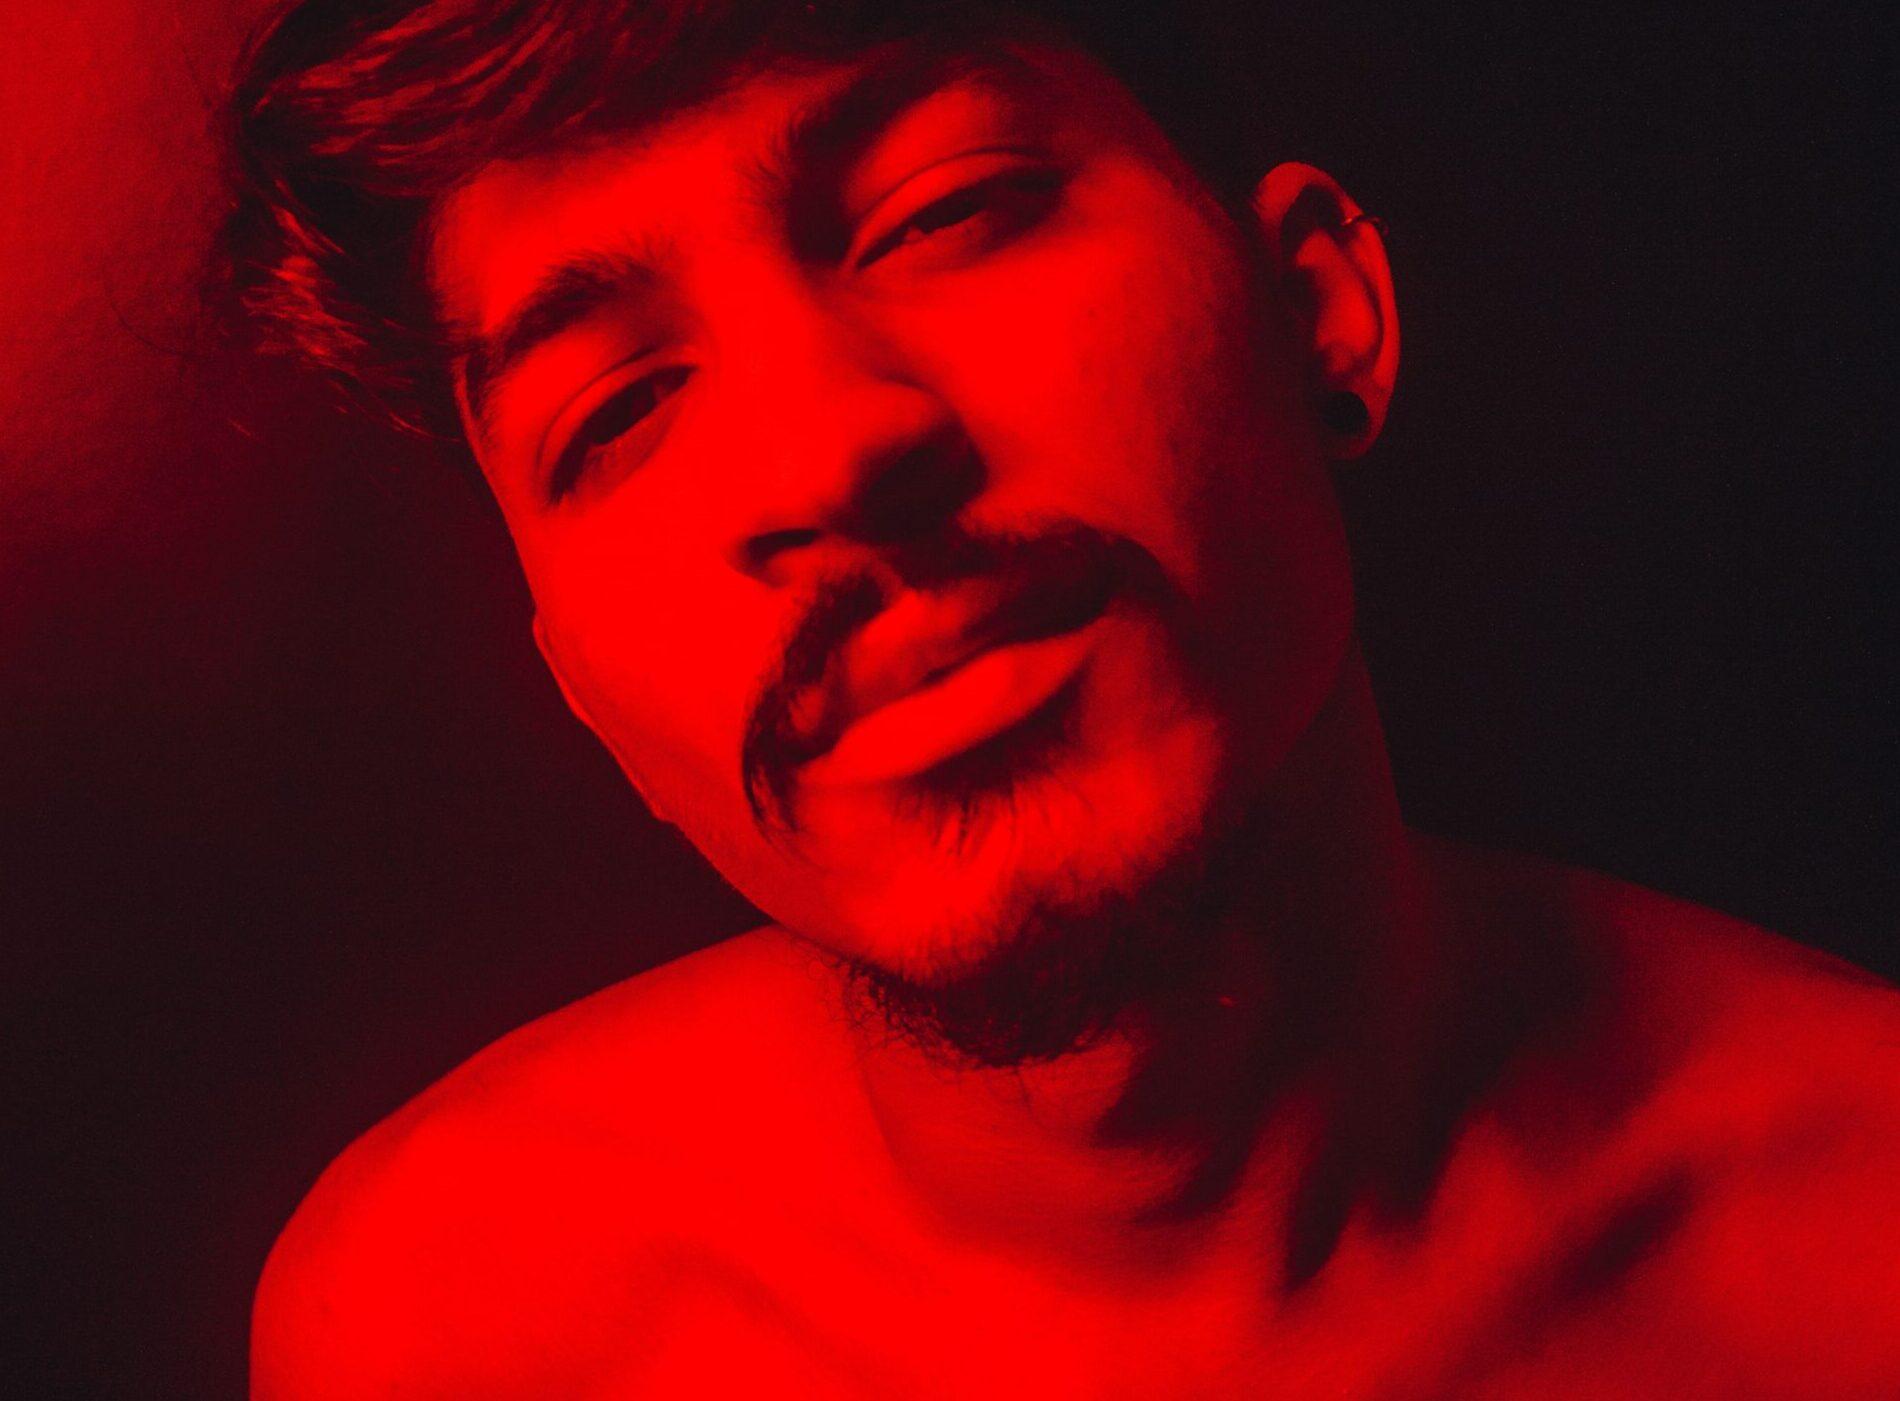 Você pode ajudar o Pedro Silveira a lançar o seu primeiro EP